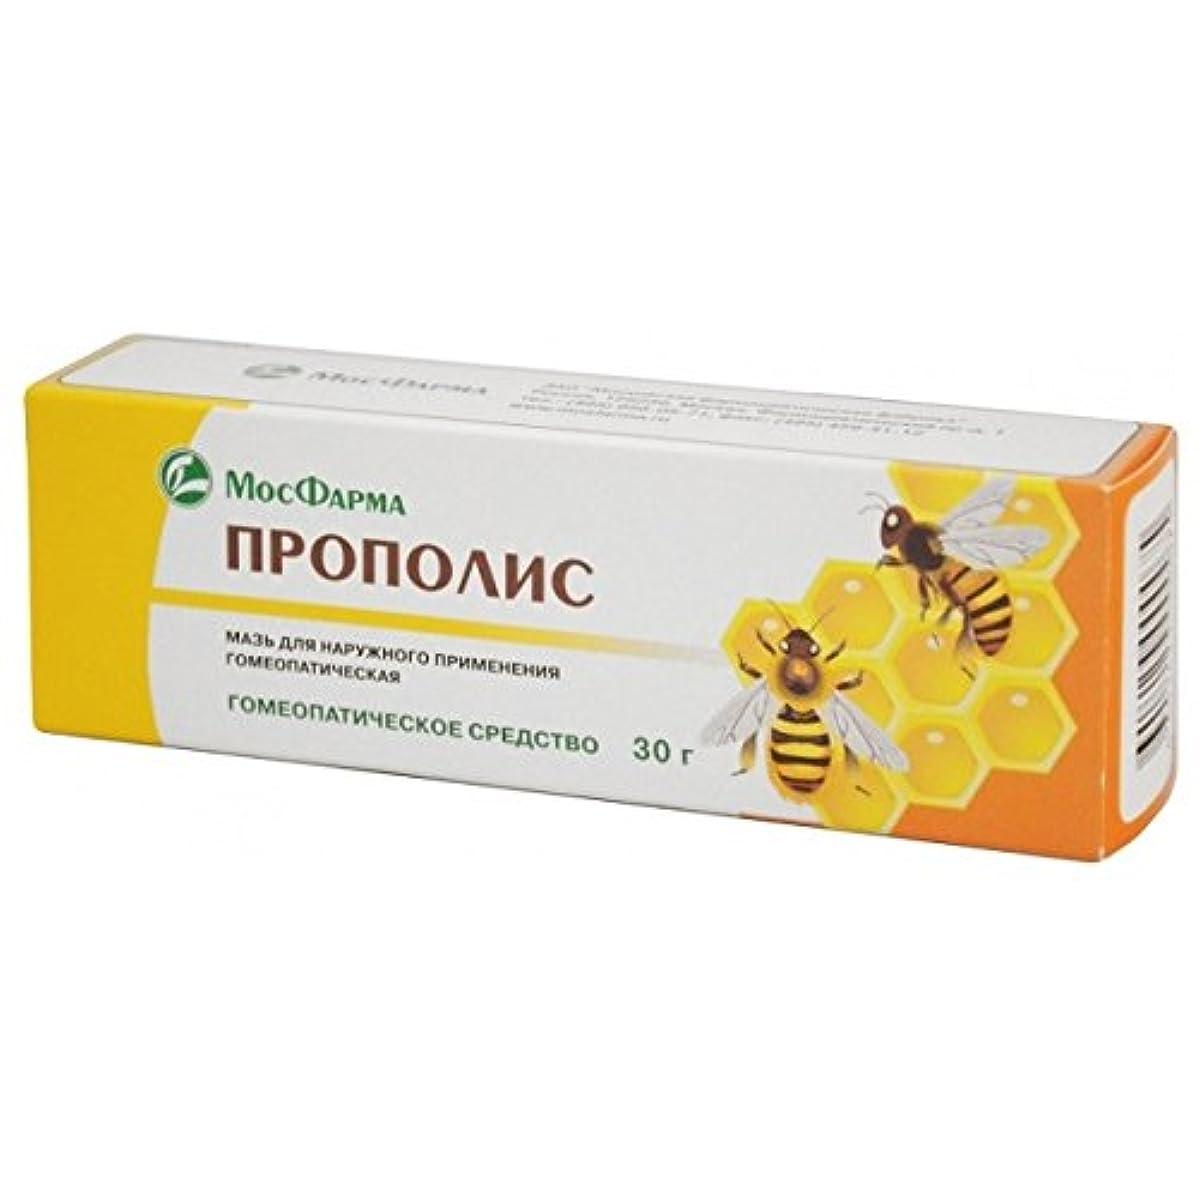 書き出す副用語集Propolis ointment 30gr. プロポリス軟膏